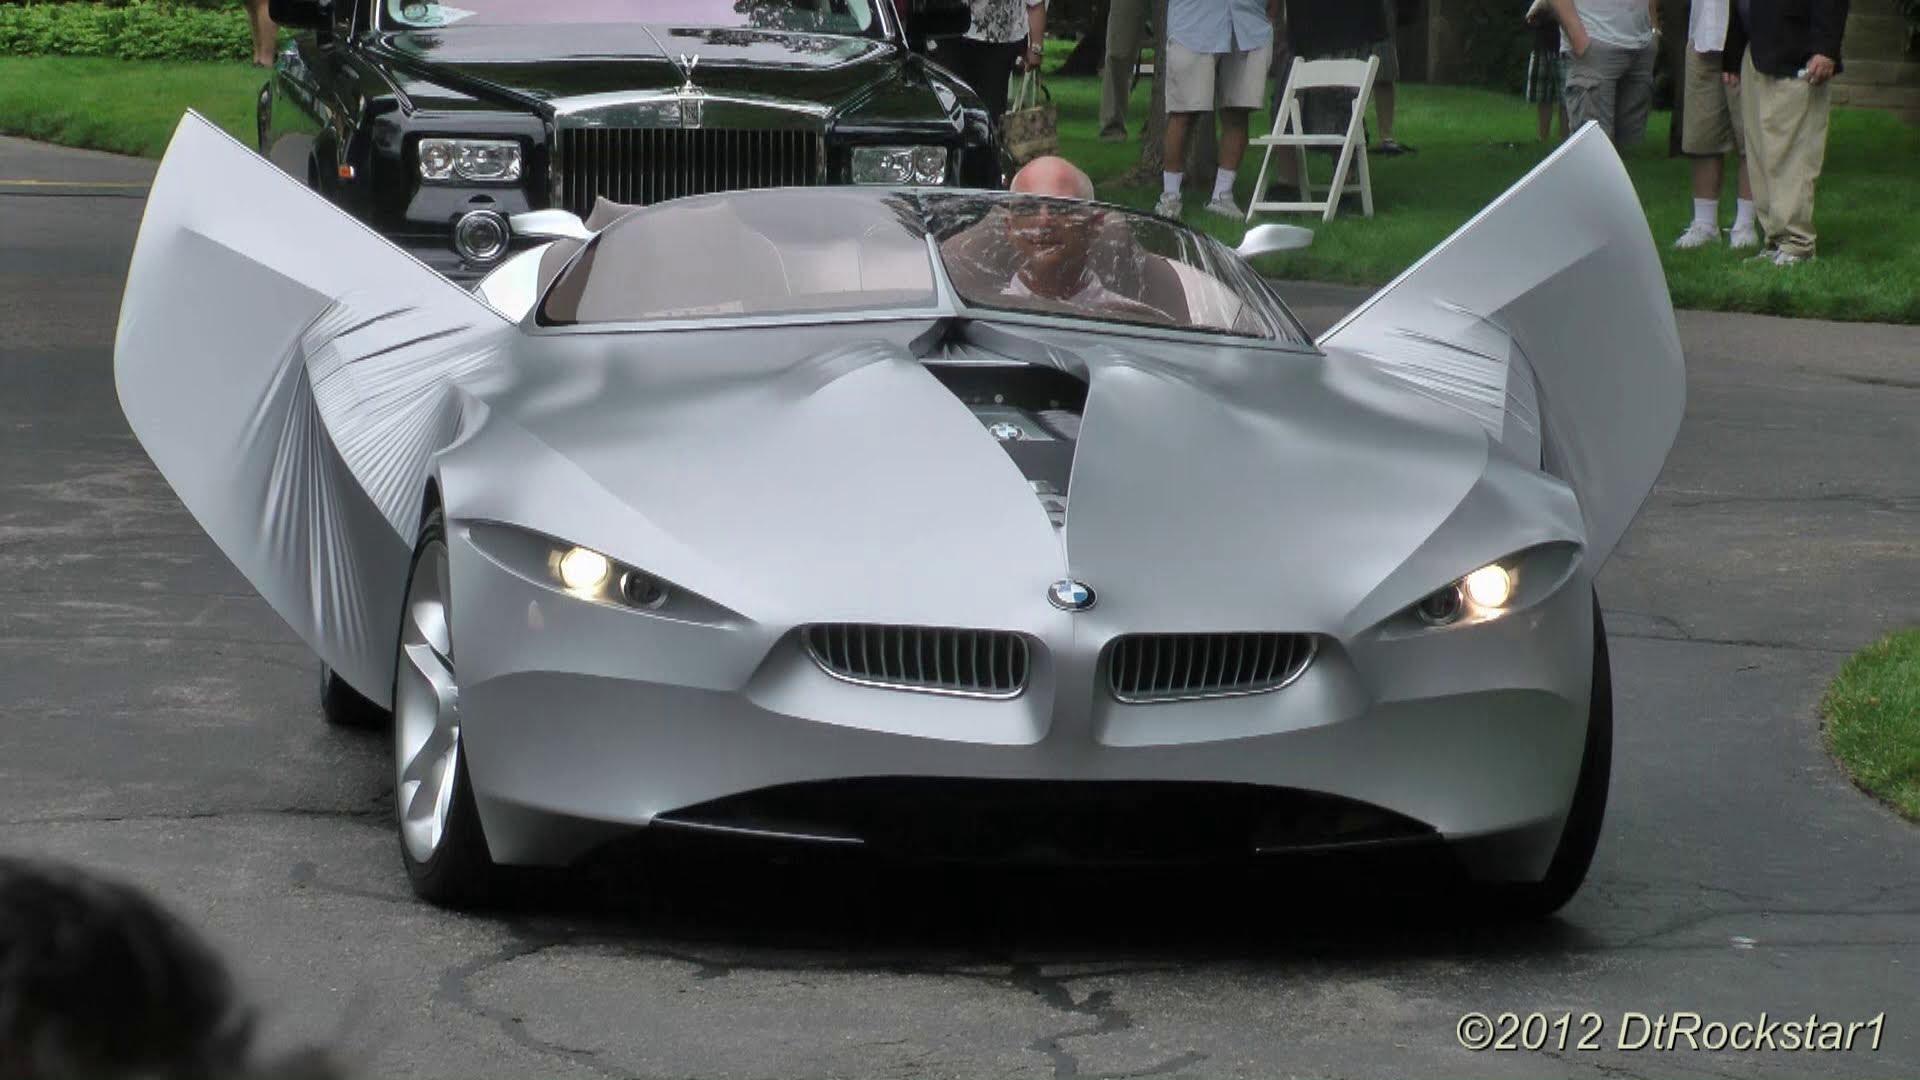 تکنولوژی اسرار آمیز ب ام و برای تولید بدنه انعطاف پذیر خودرو